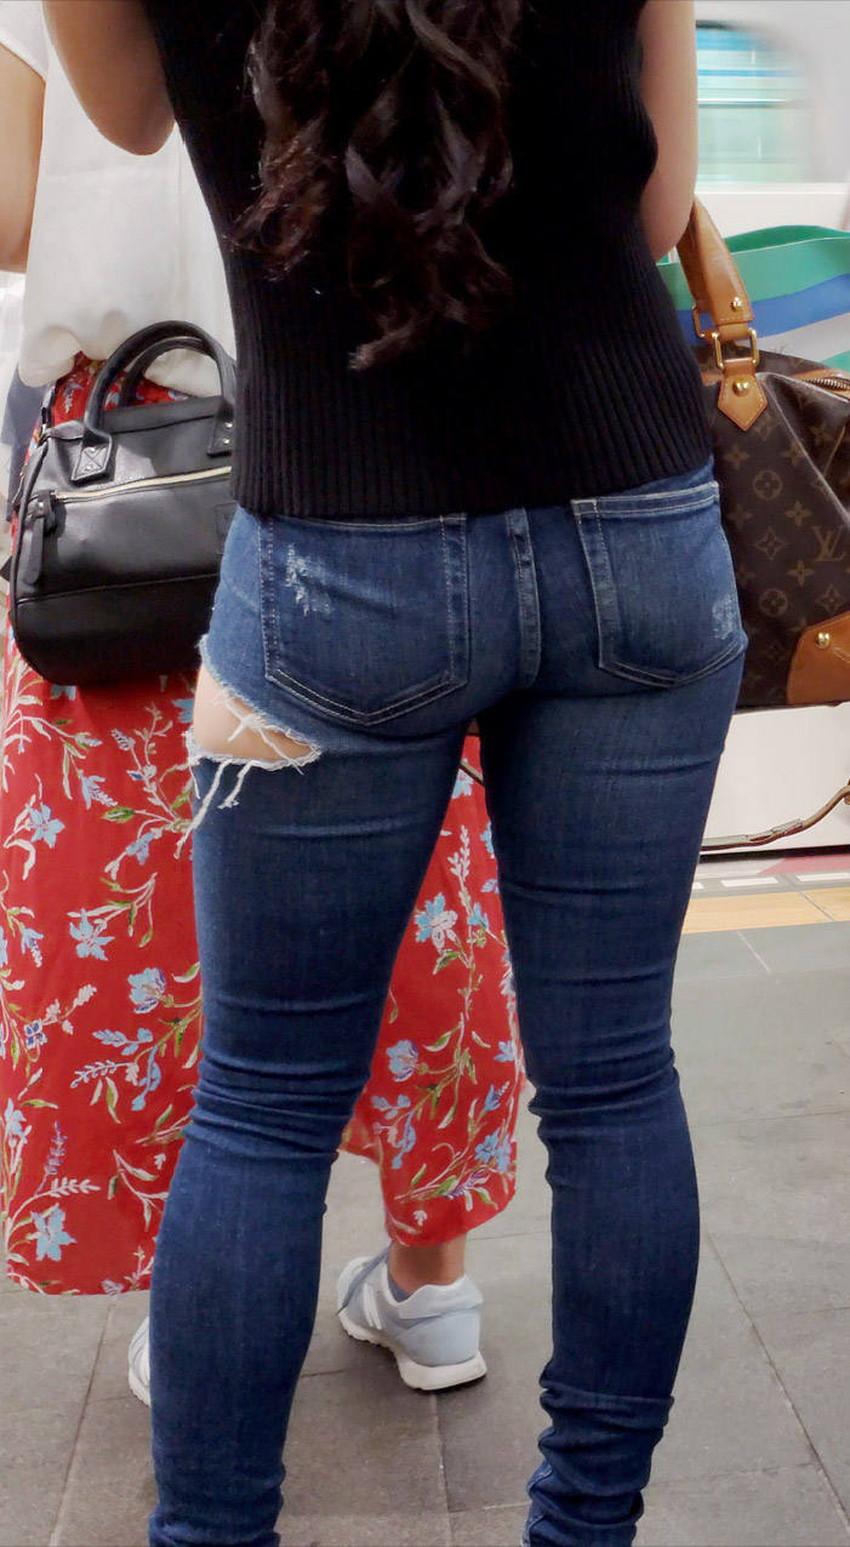 【ダメージジーンズエロ画像】ダメージすご過ぎて素人娘のパンティーが見えちゃってるダメージジーンズのエロ画像集!ww【80枚】 39